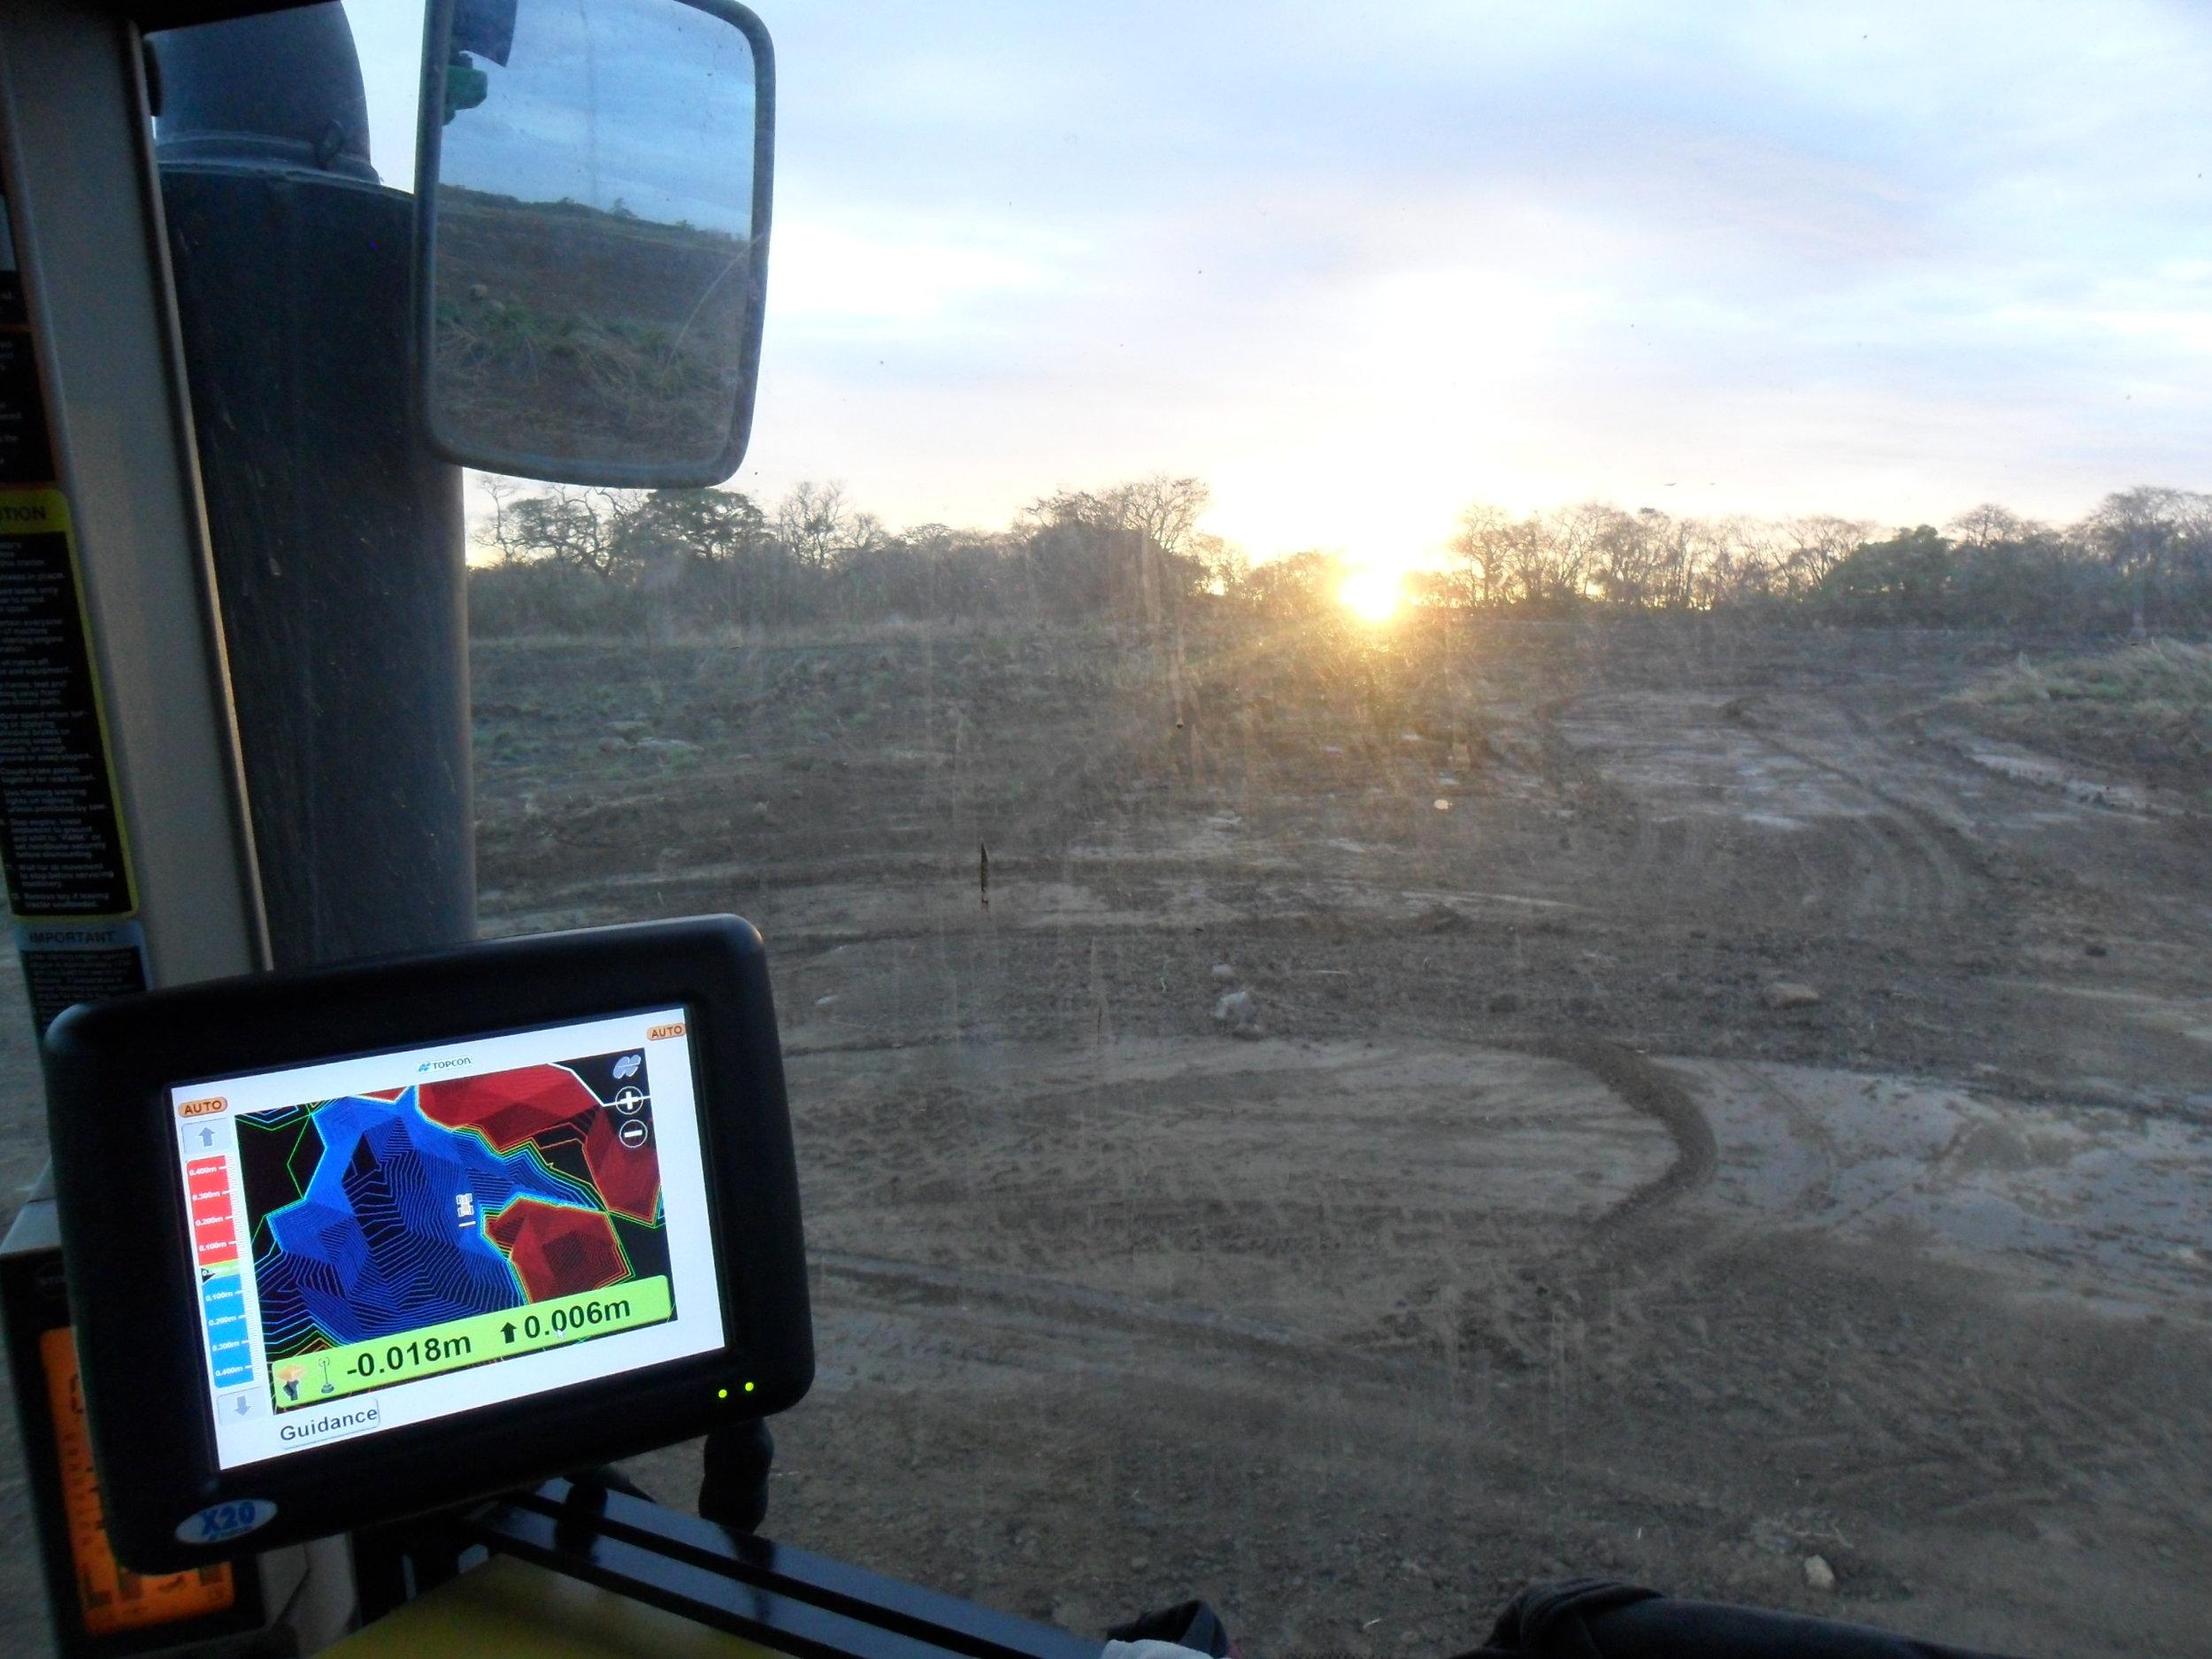 Adecuación de suelos  - Los equipos favoritos en el mundo para el control automático de cuchilla para el movimiento de suelos. Por su robustez y desempeño eficiente, a donde quiera que los instalamos sus beneficios son detectados no mucho después de haber trabajado en su campo. Consúltenos a cerca de sus beneficios y acoplamiento con otras tecnologías como el piloto automático.